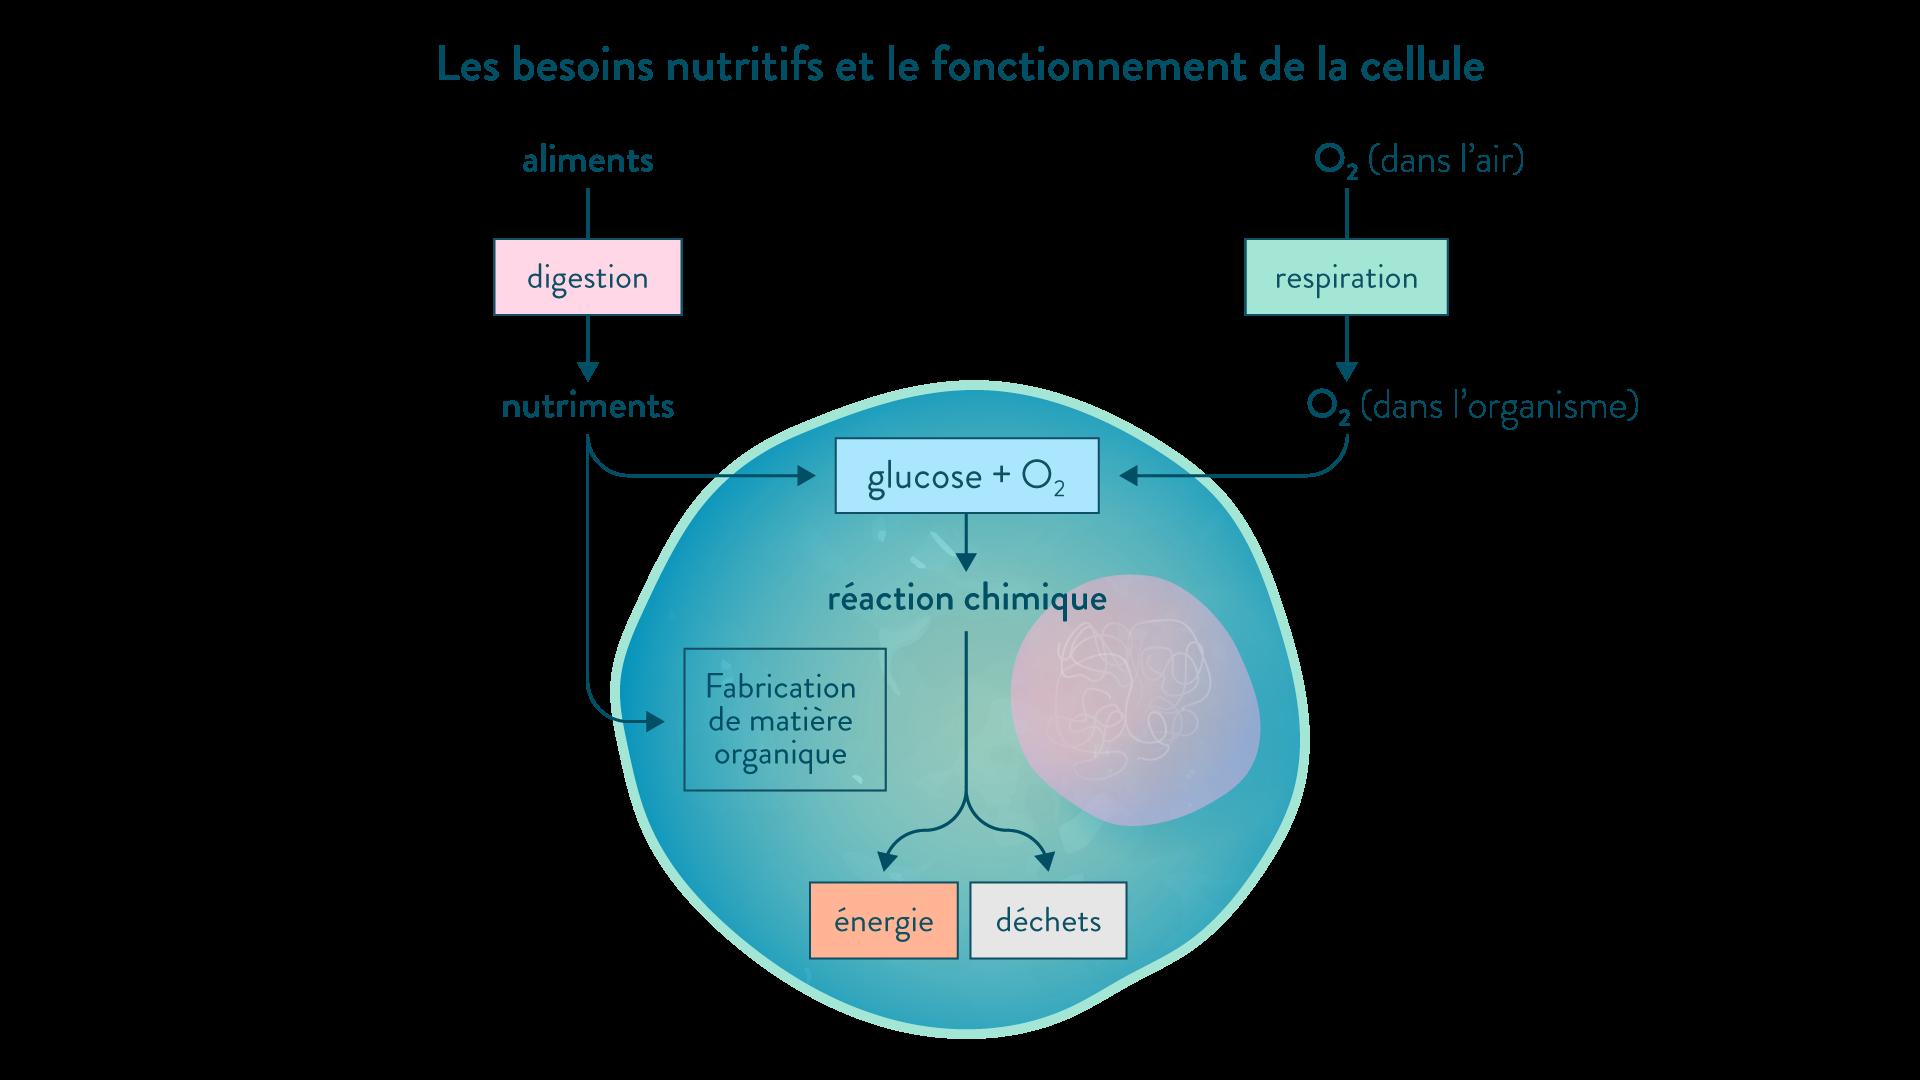 Les besoins nutritifs et le fonctionnement de la cellule